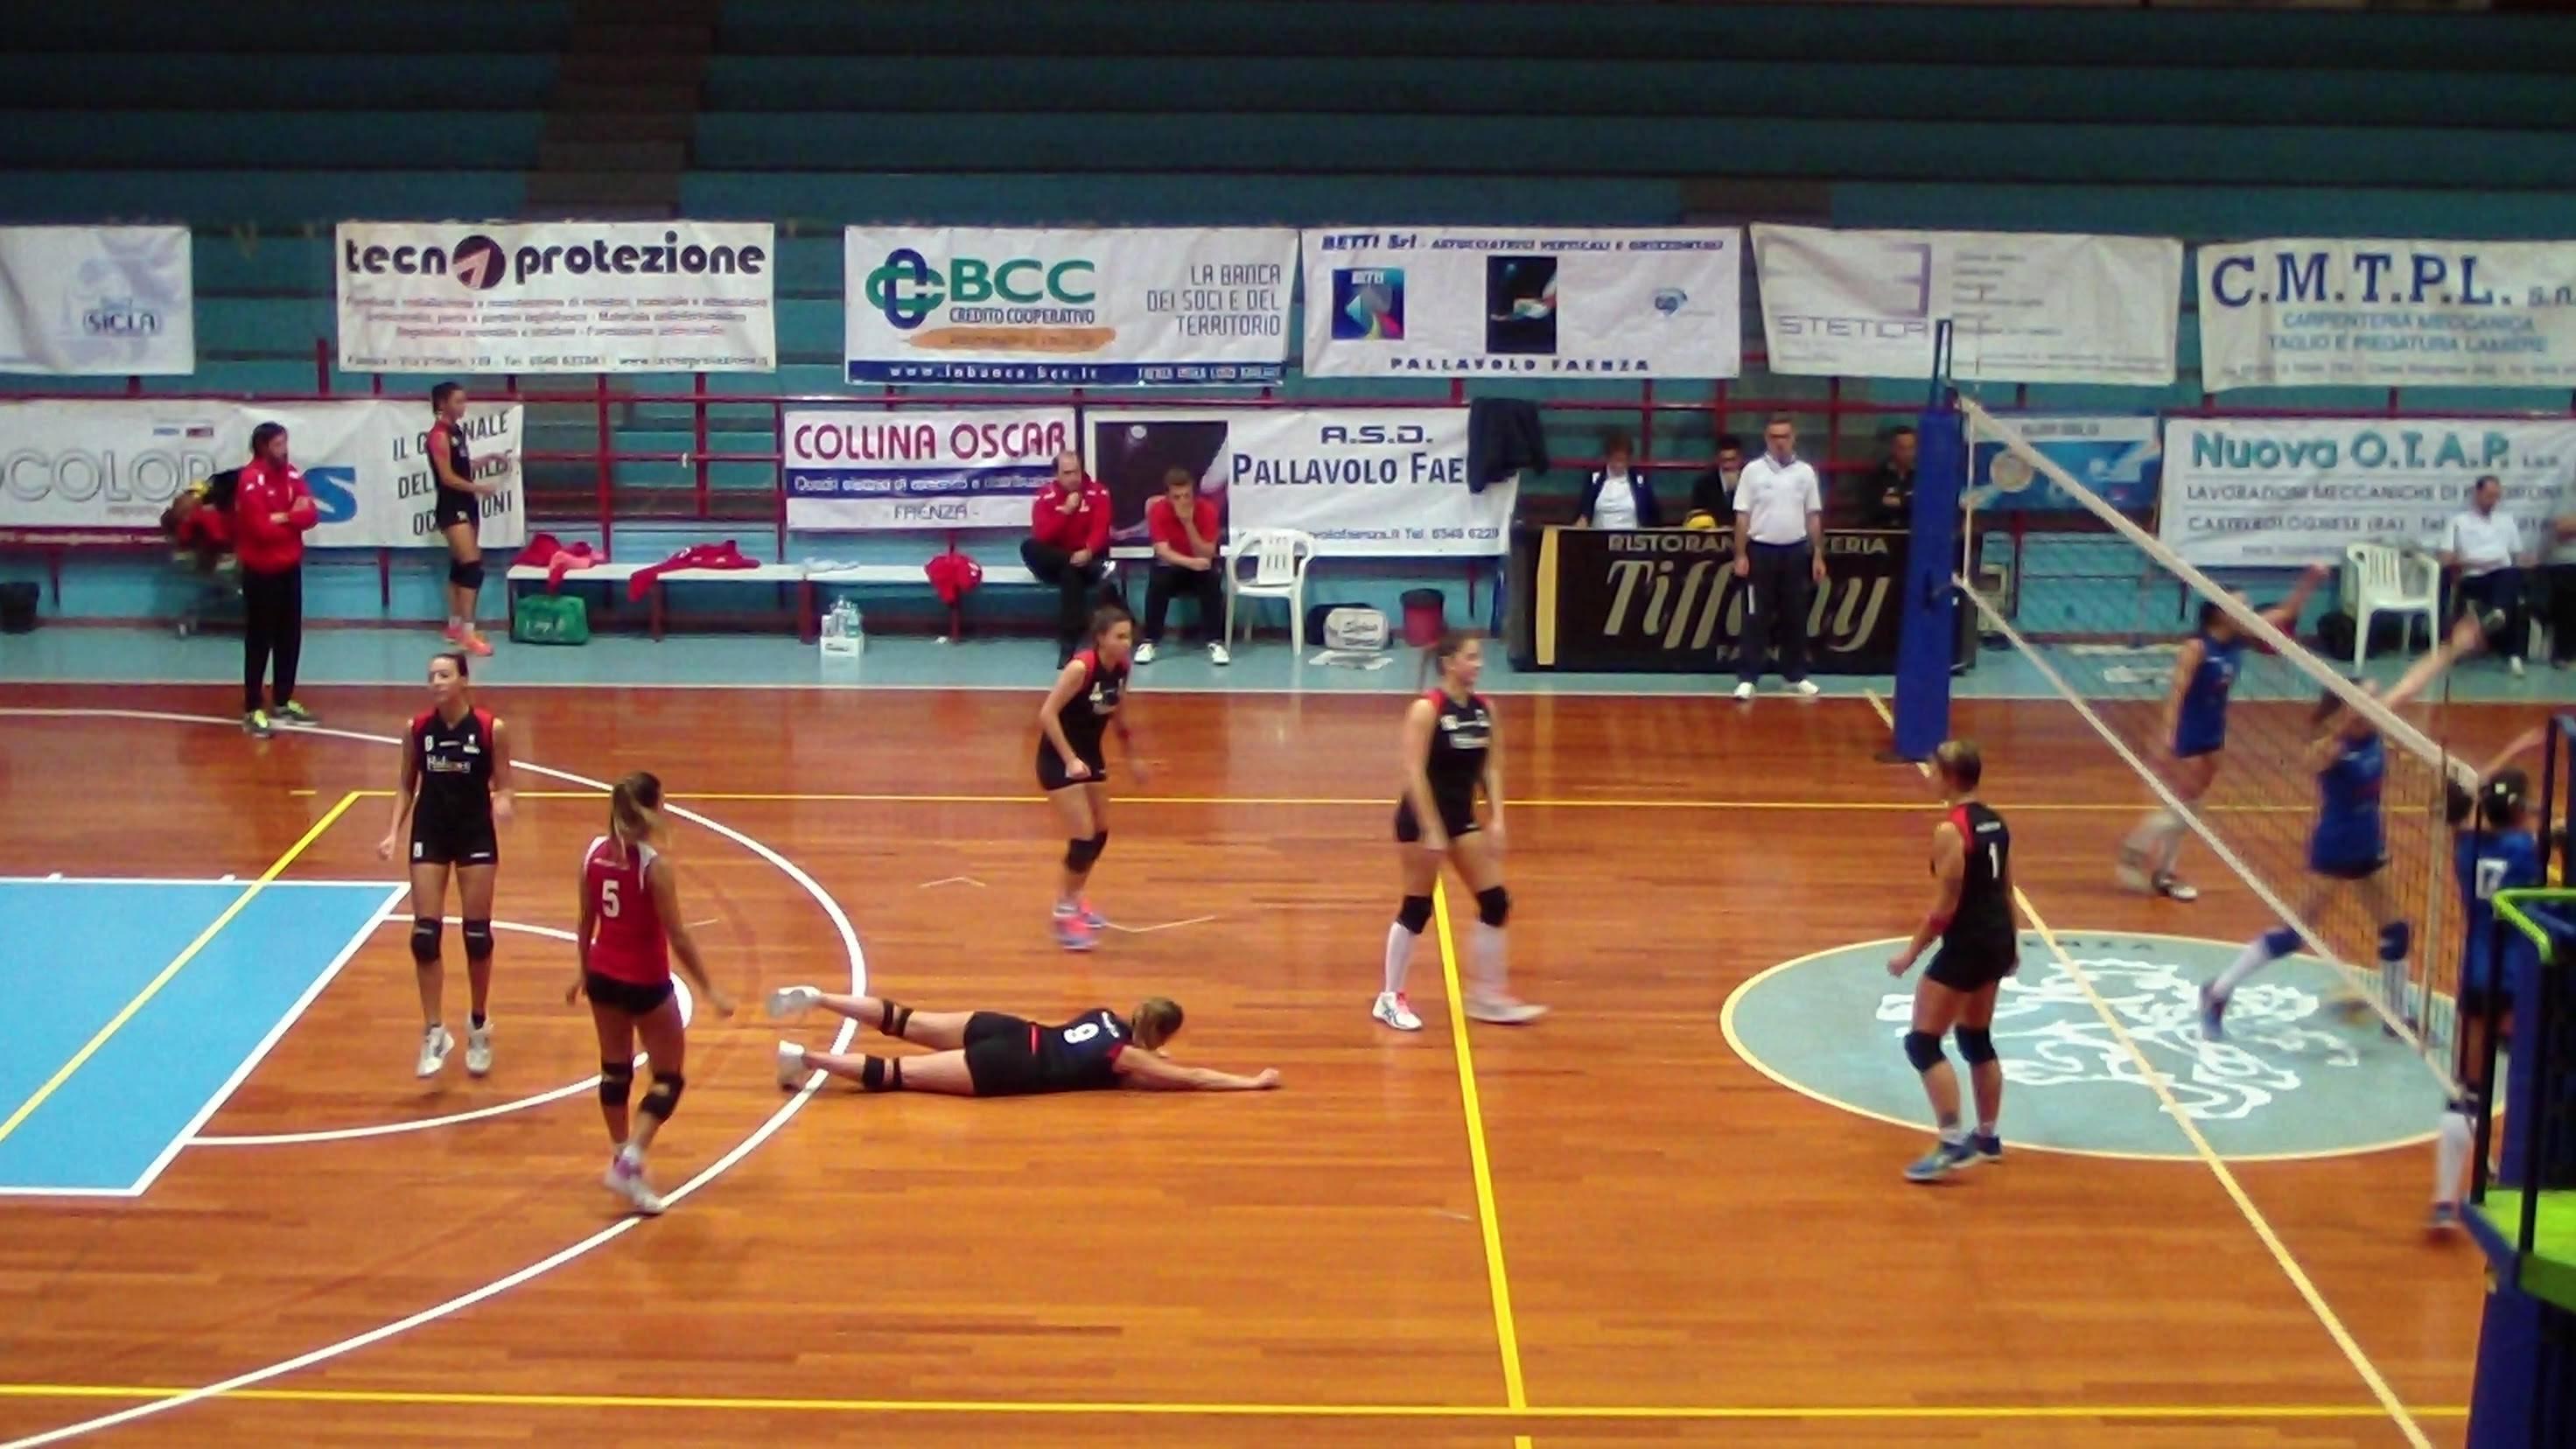 Pallavolo Faenza-Riccione Volley 3-1